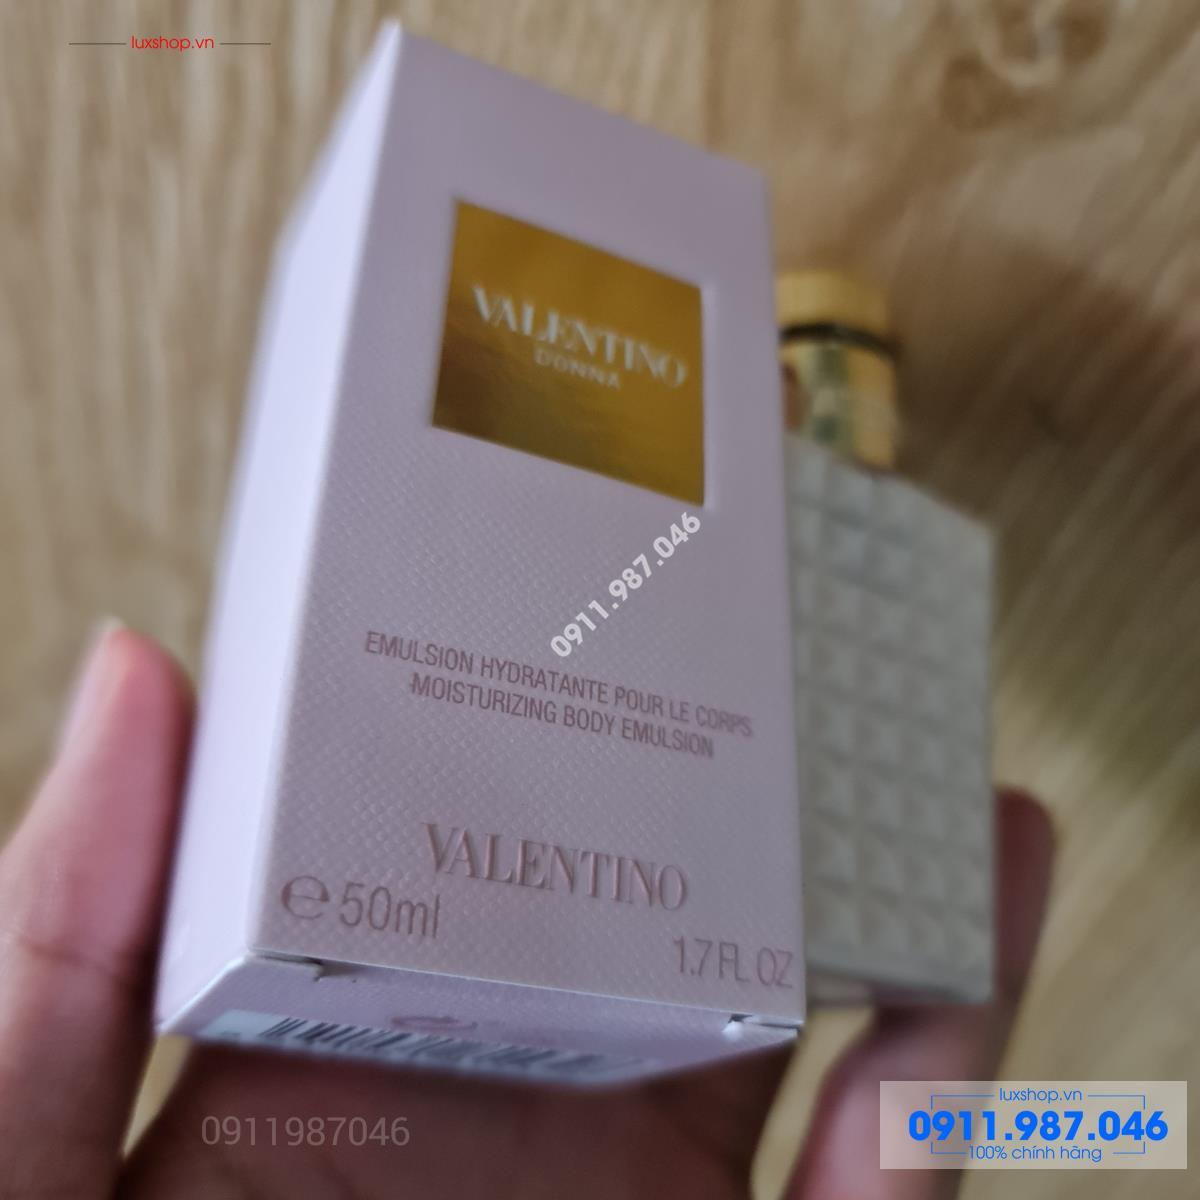 Lotion dưỡng thể body Valentino Donna 50ml chính hãng (Made in Spain)